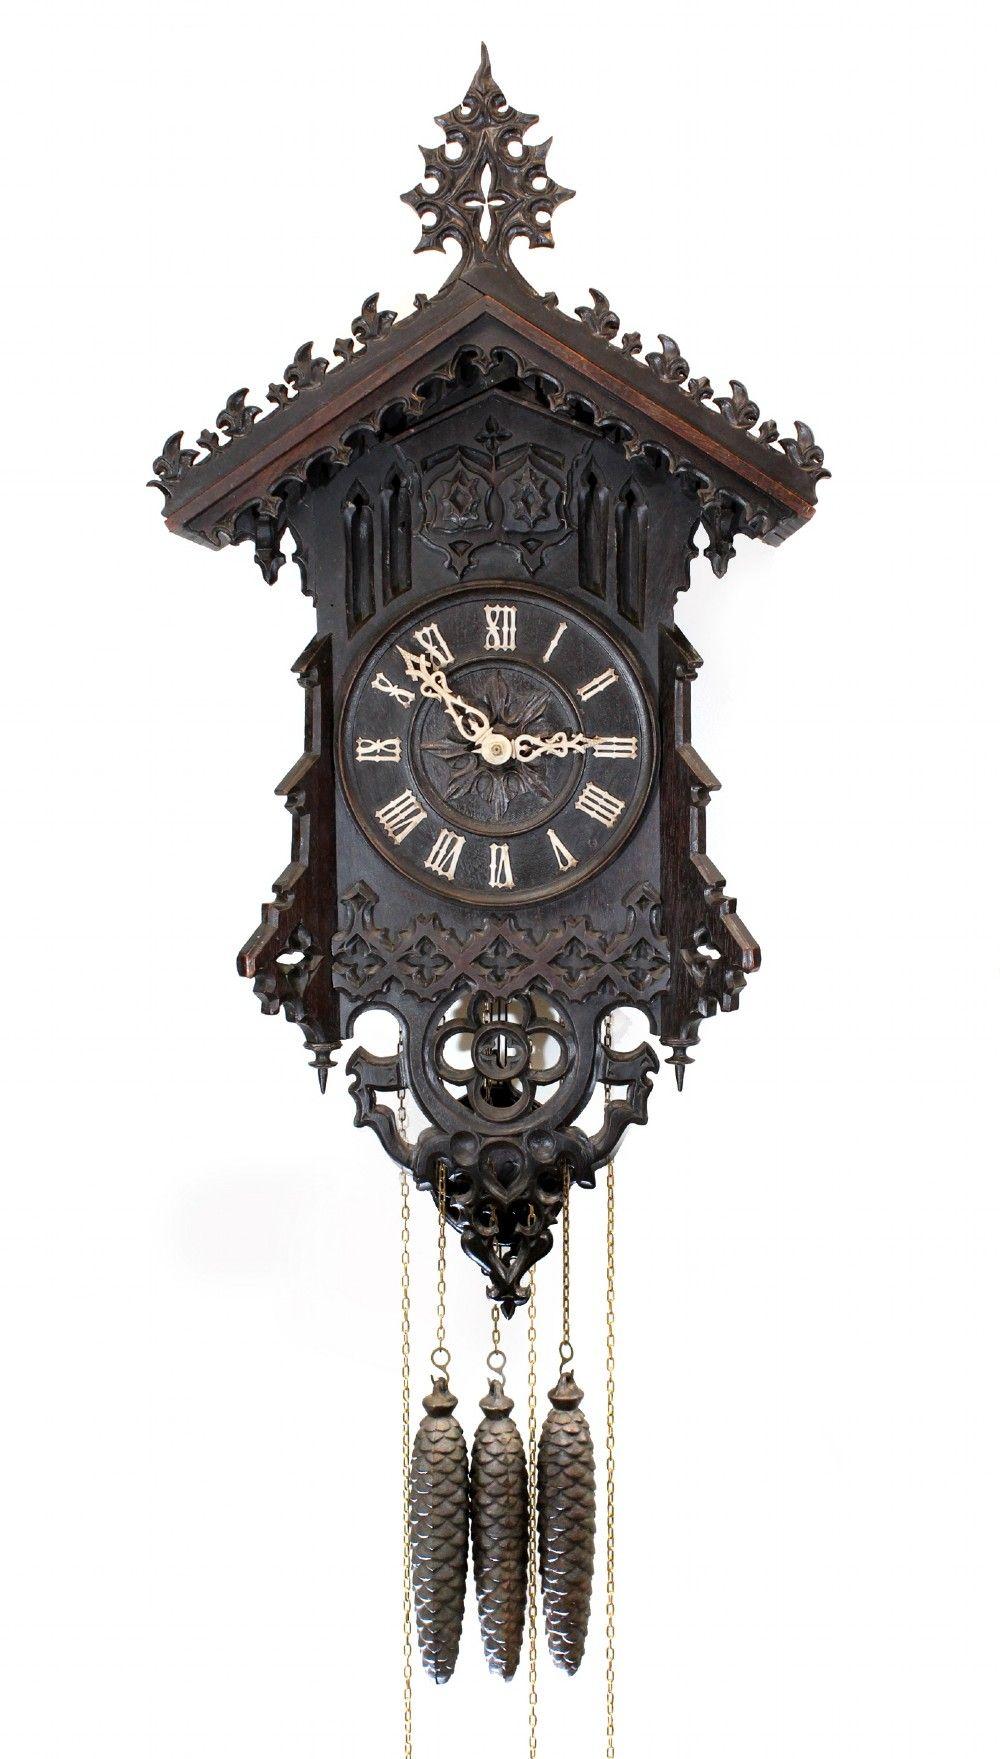 Beha Quarter Striking Cuckoo And Quail Clock 383288 Sellingantiques Co Uk Relojes De Pared Relojes De Pared Antiguos Reloj De Cuco